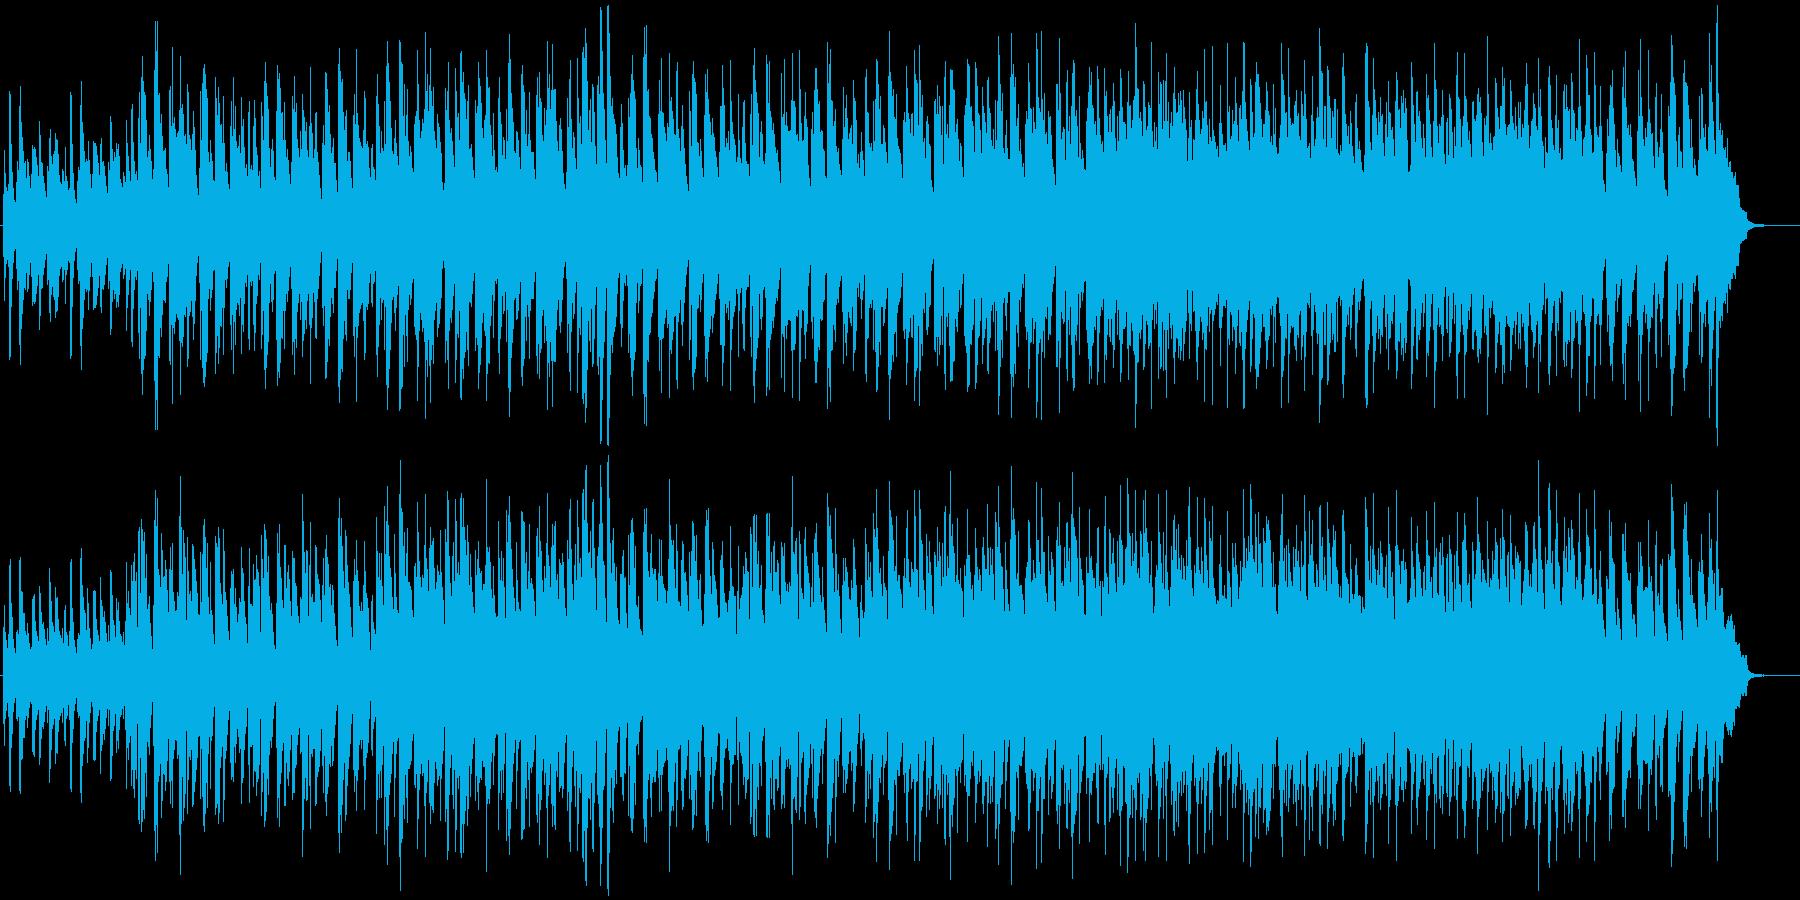 軽快なジャズトリオのオリジナル曲の再生済みの波形